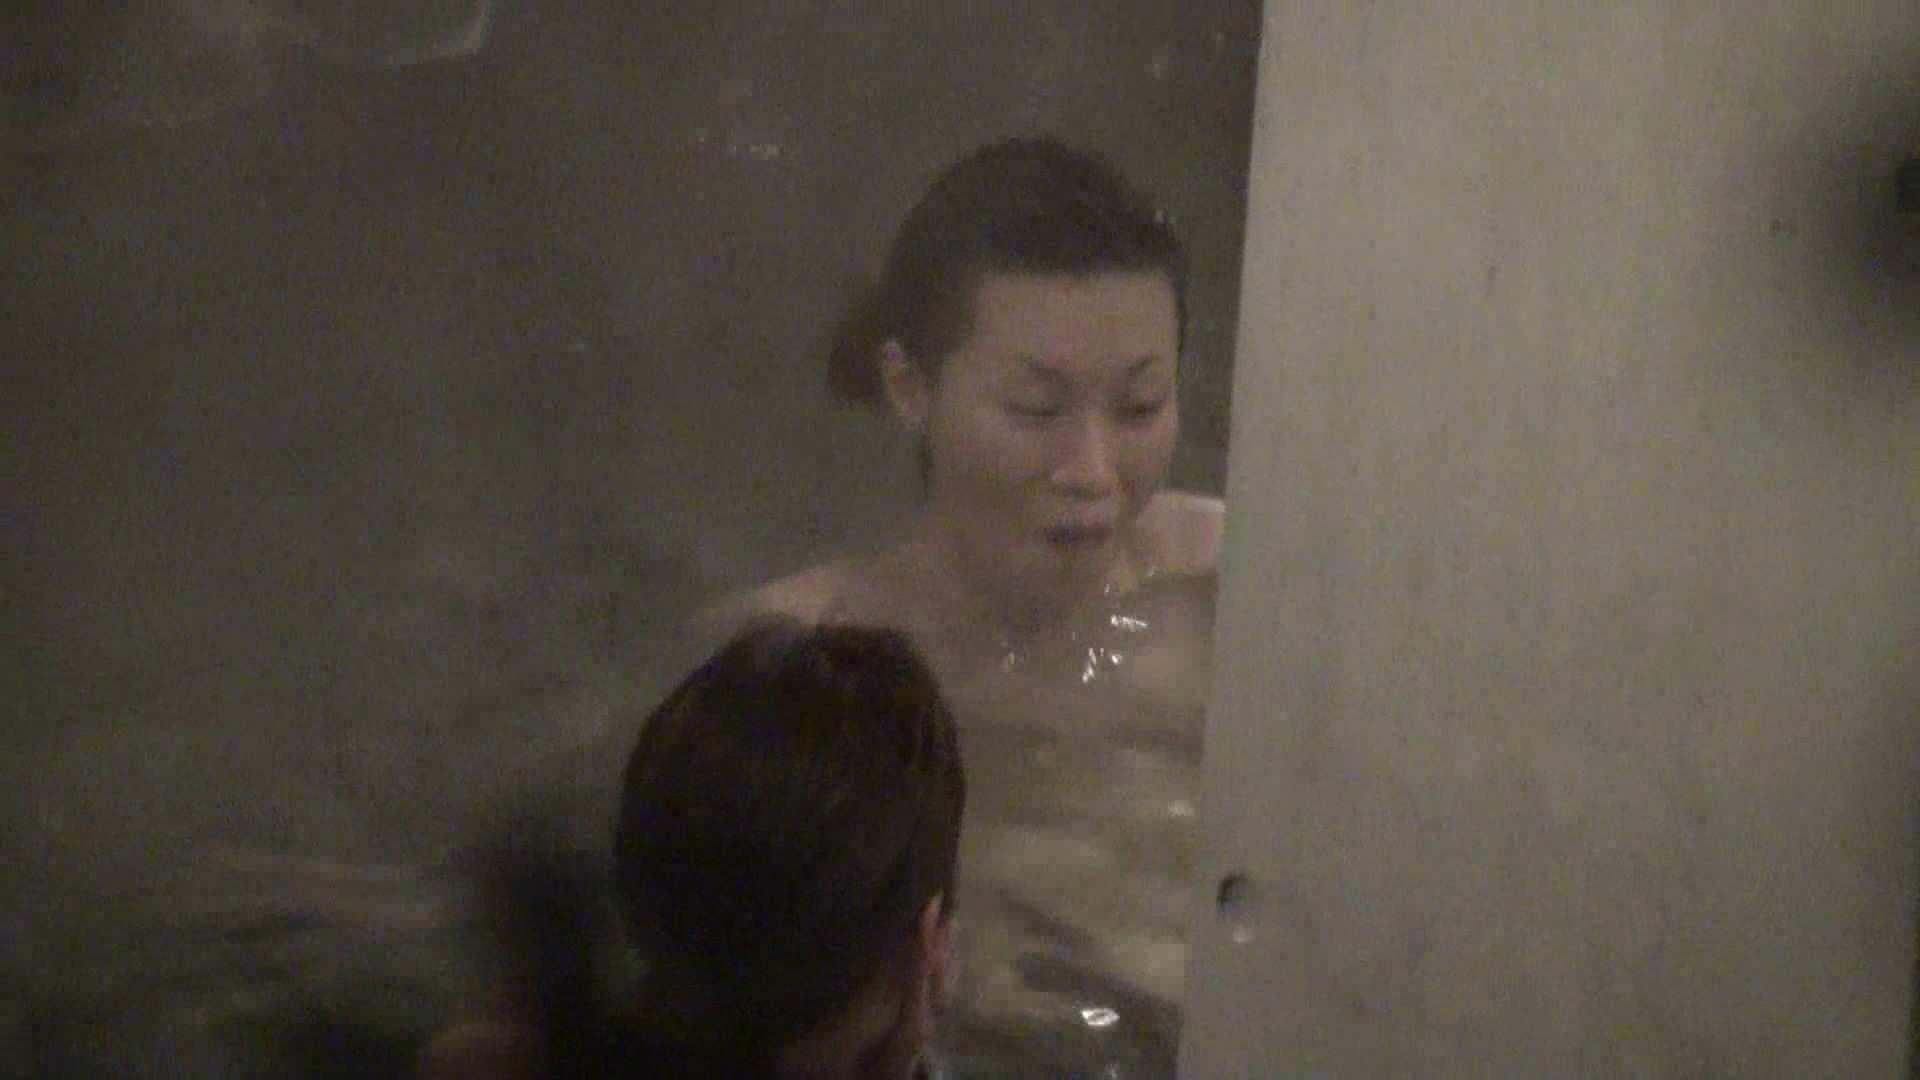 Aquaな露天風呂Vol.429 盗撮大放出 おめこ無修正動画無料 74連発 11